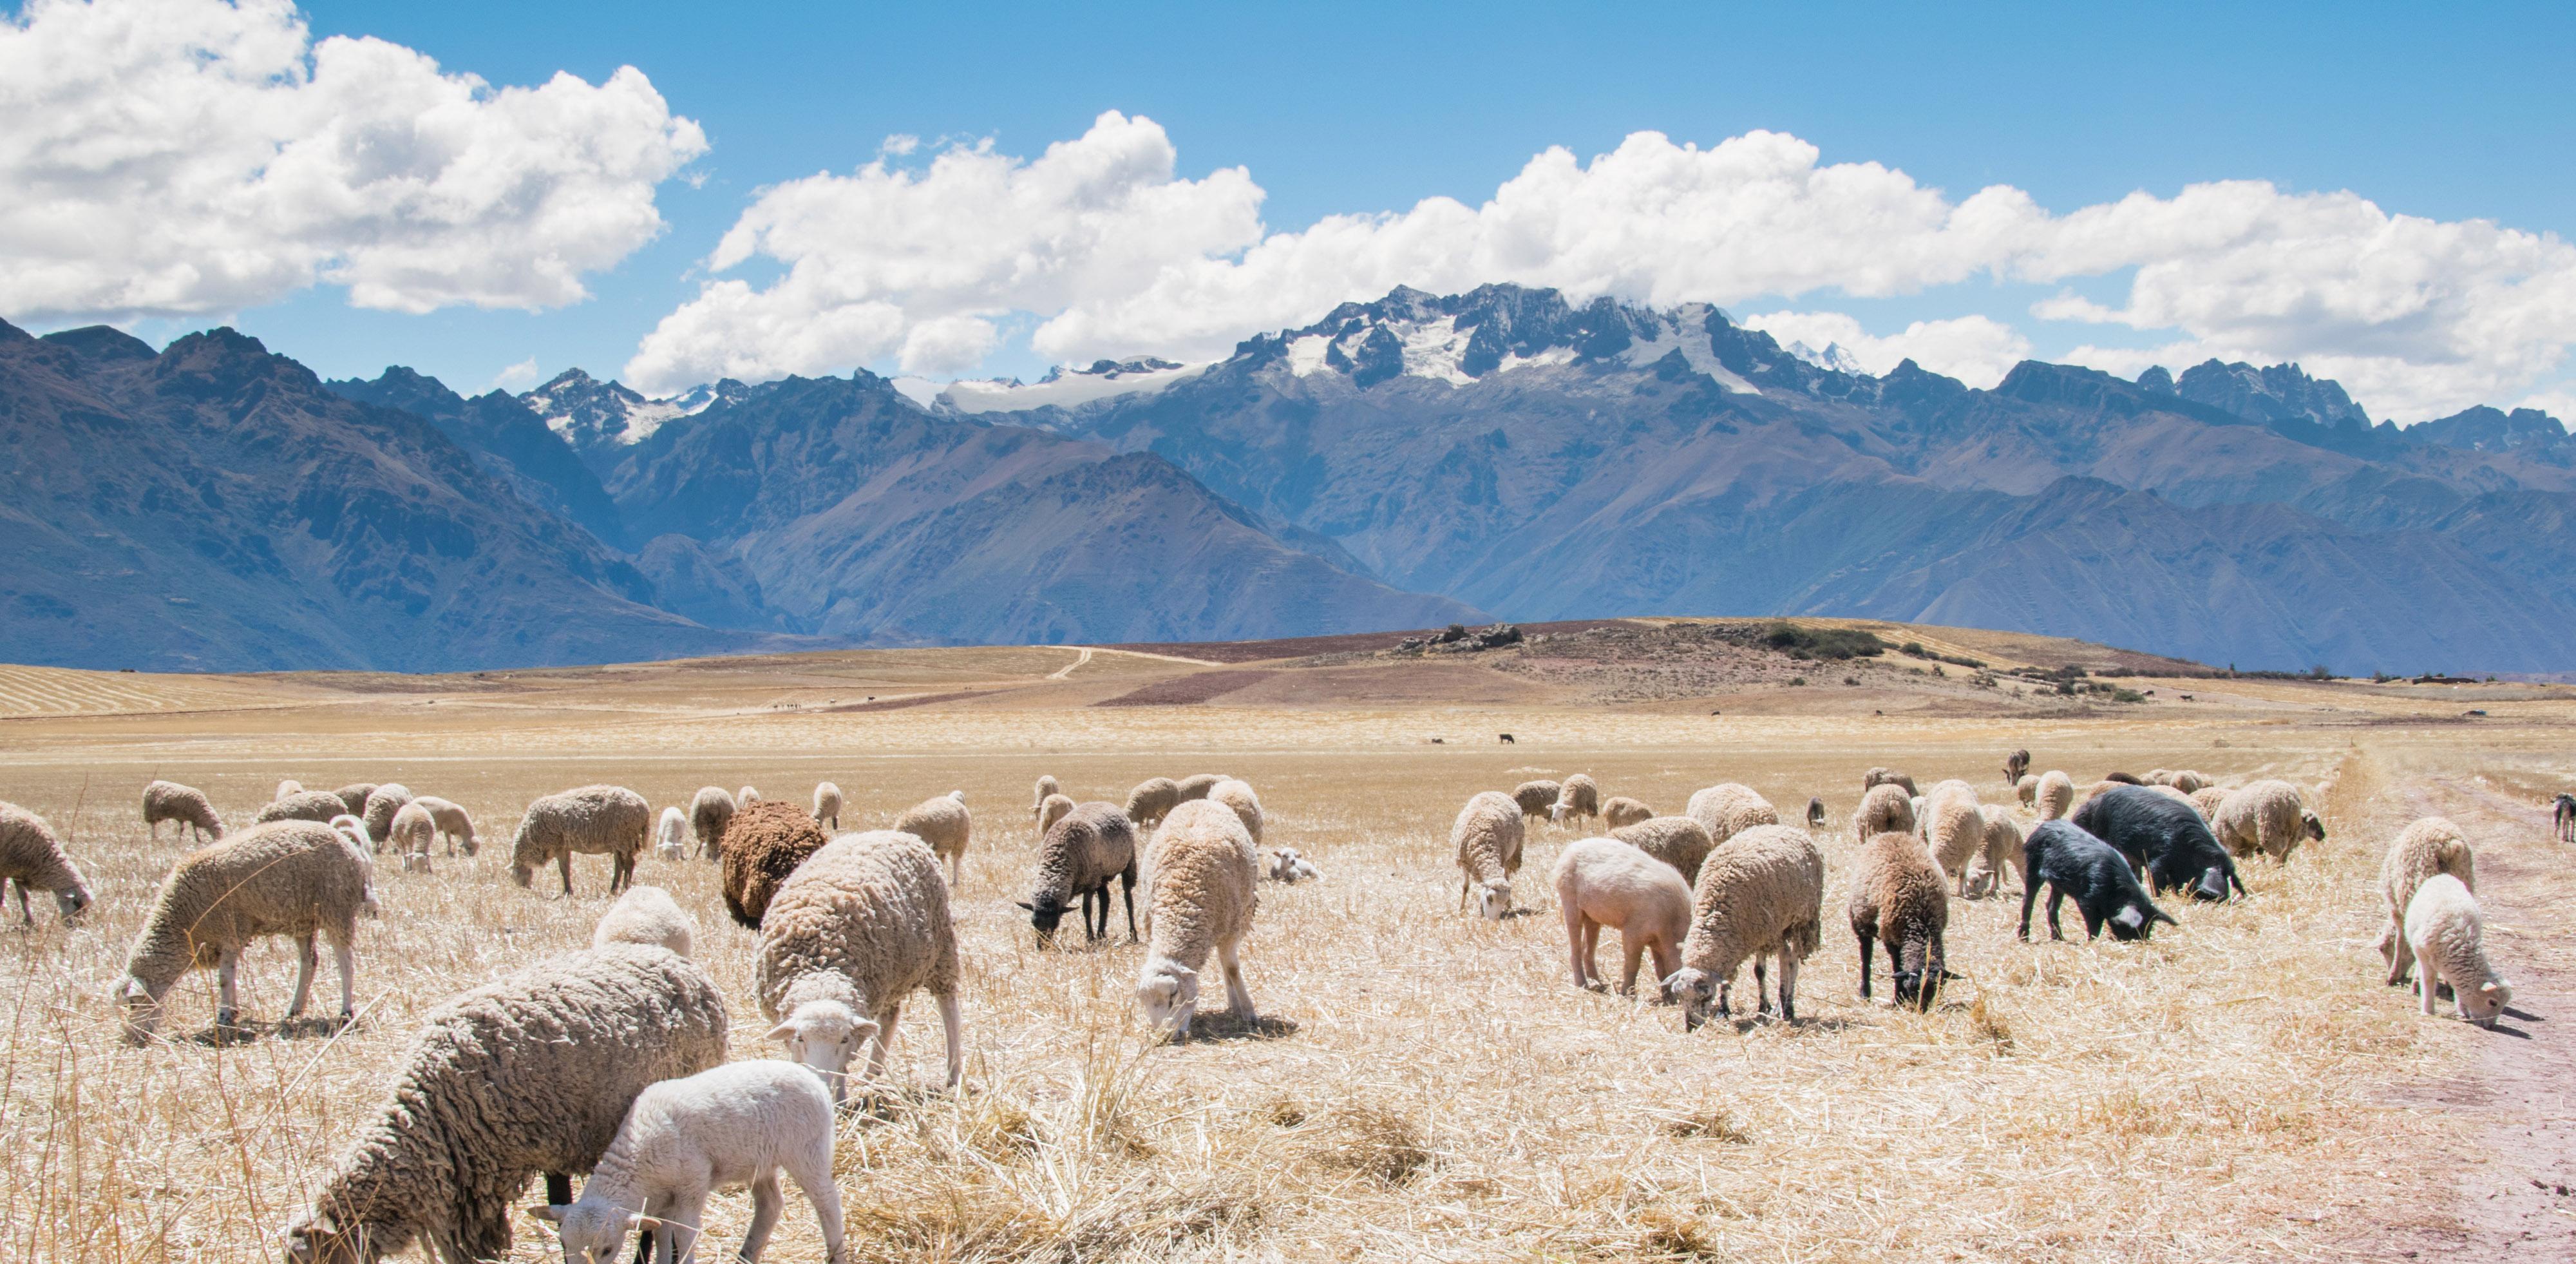 Ollantaytambo, Peru - Blake Richard Verdoon